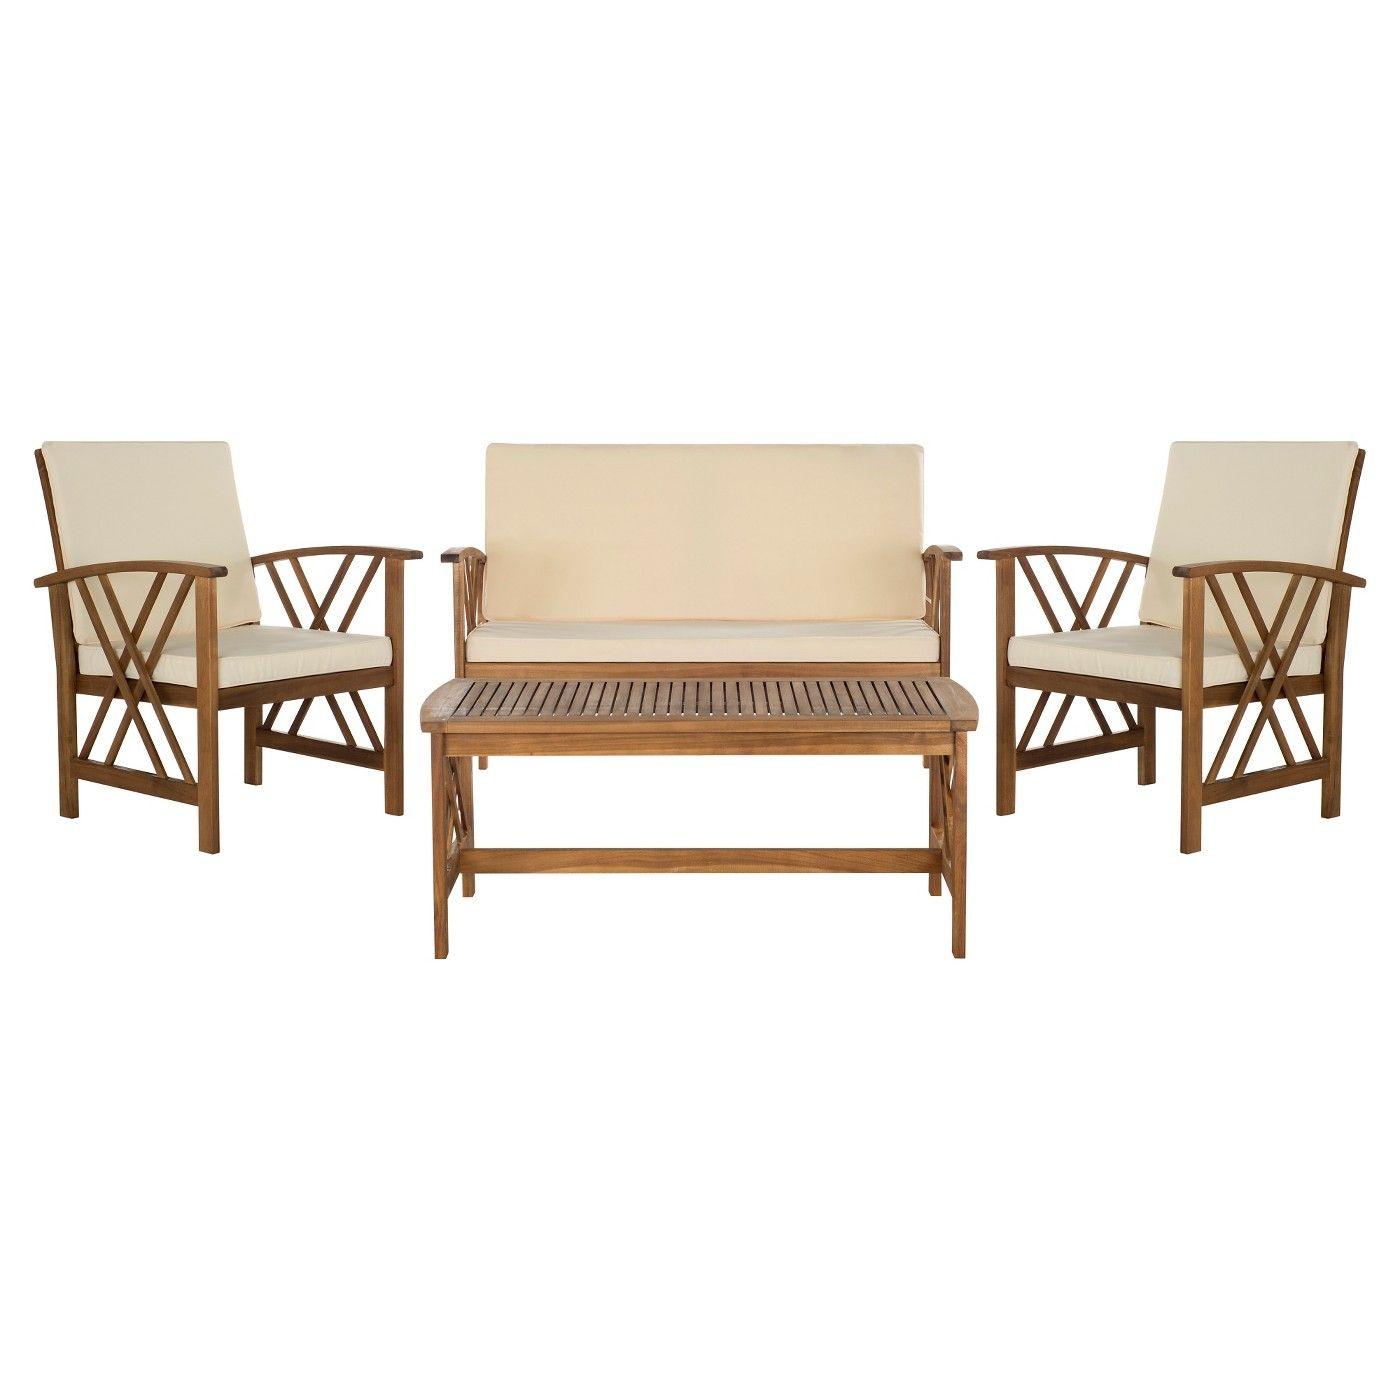 Superb Mykonos 4 Pc Wood Patio Conversation Furniture Set Brown Unemploymentrelief Wooden Chair Designs For Living Room Unemploymentrelieforg